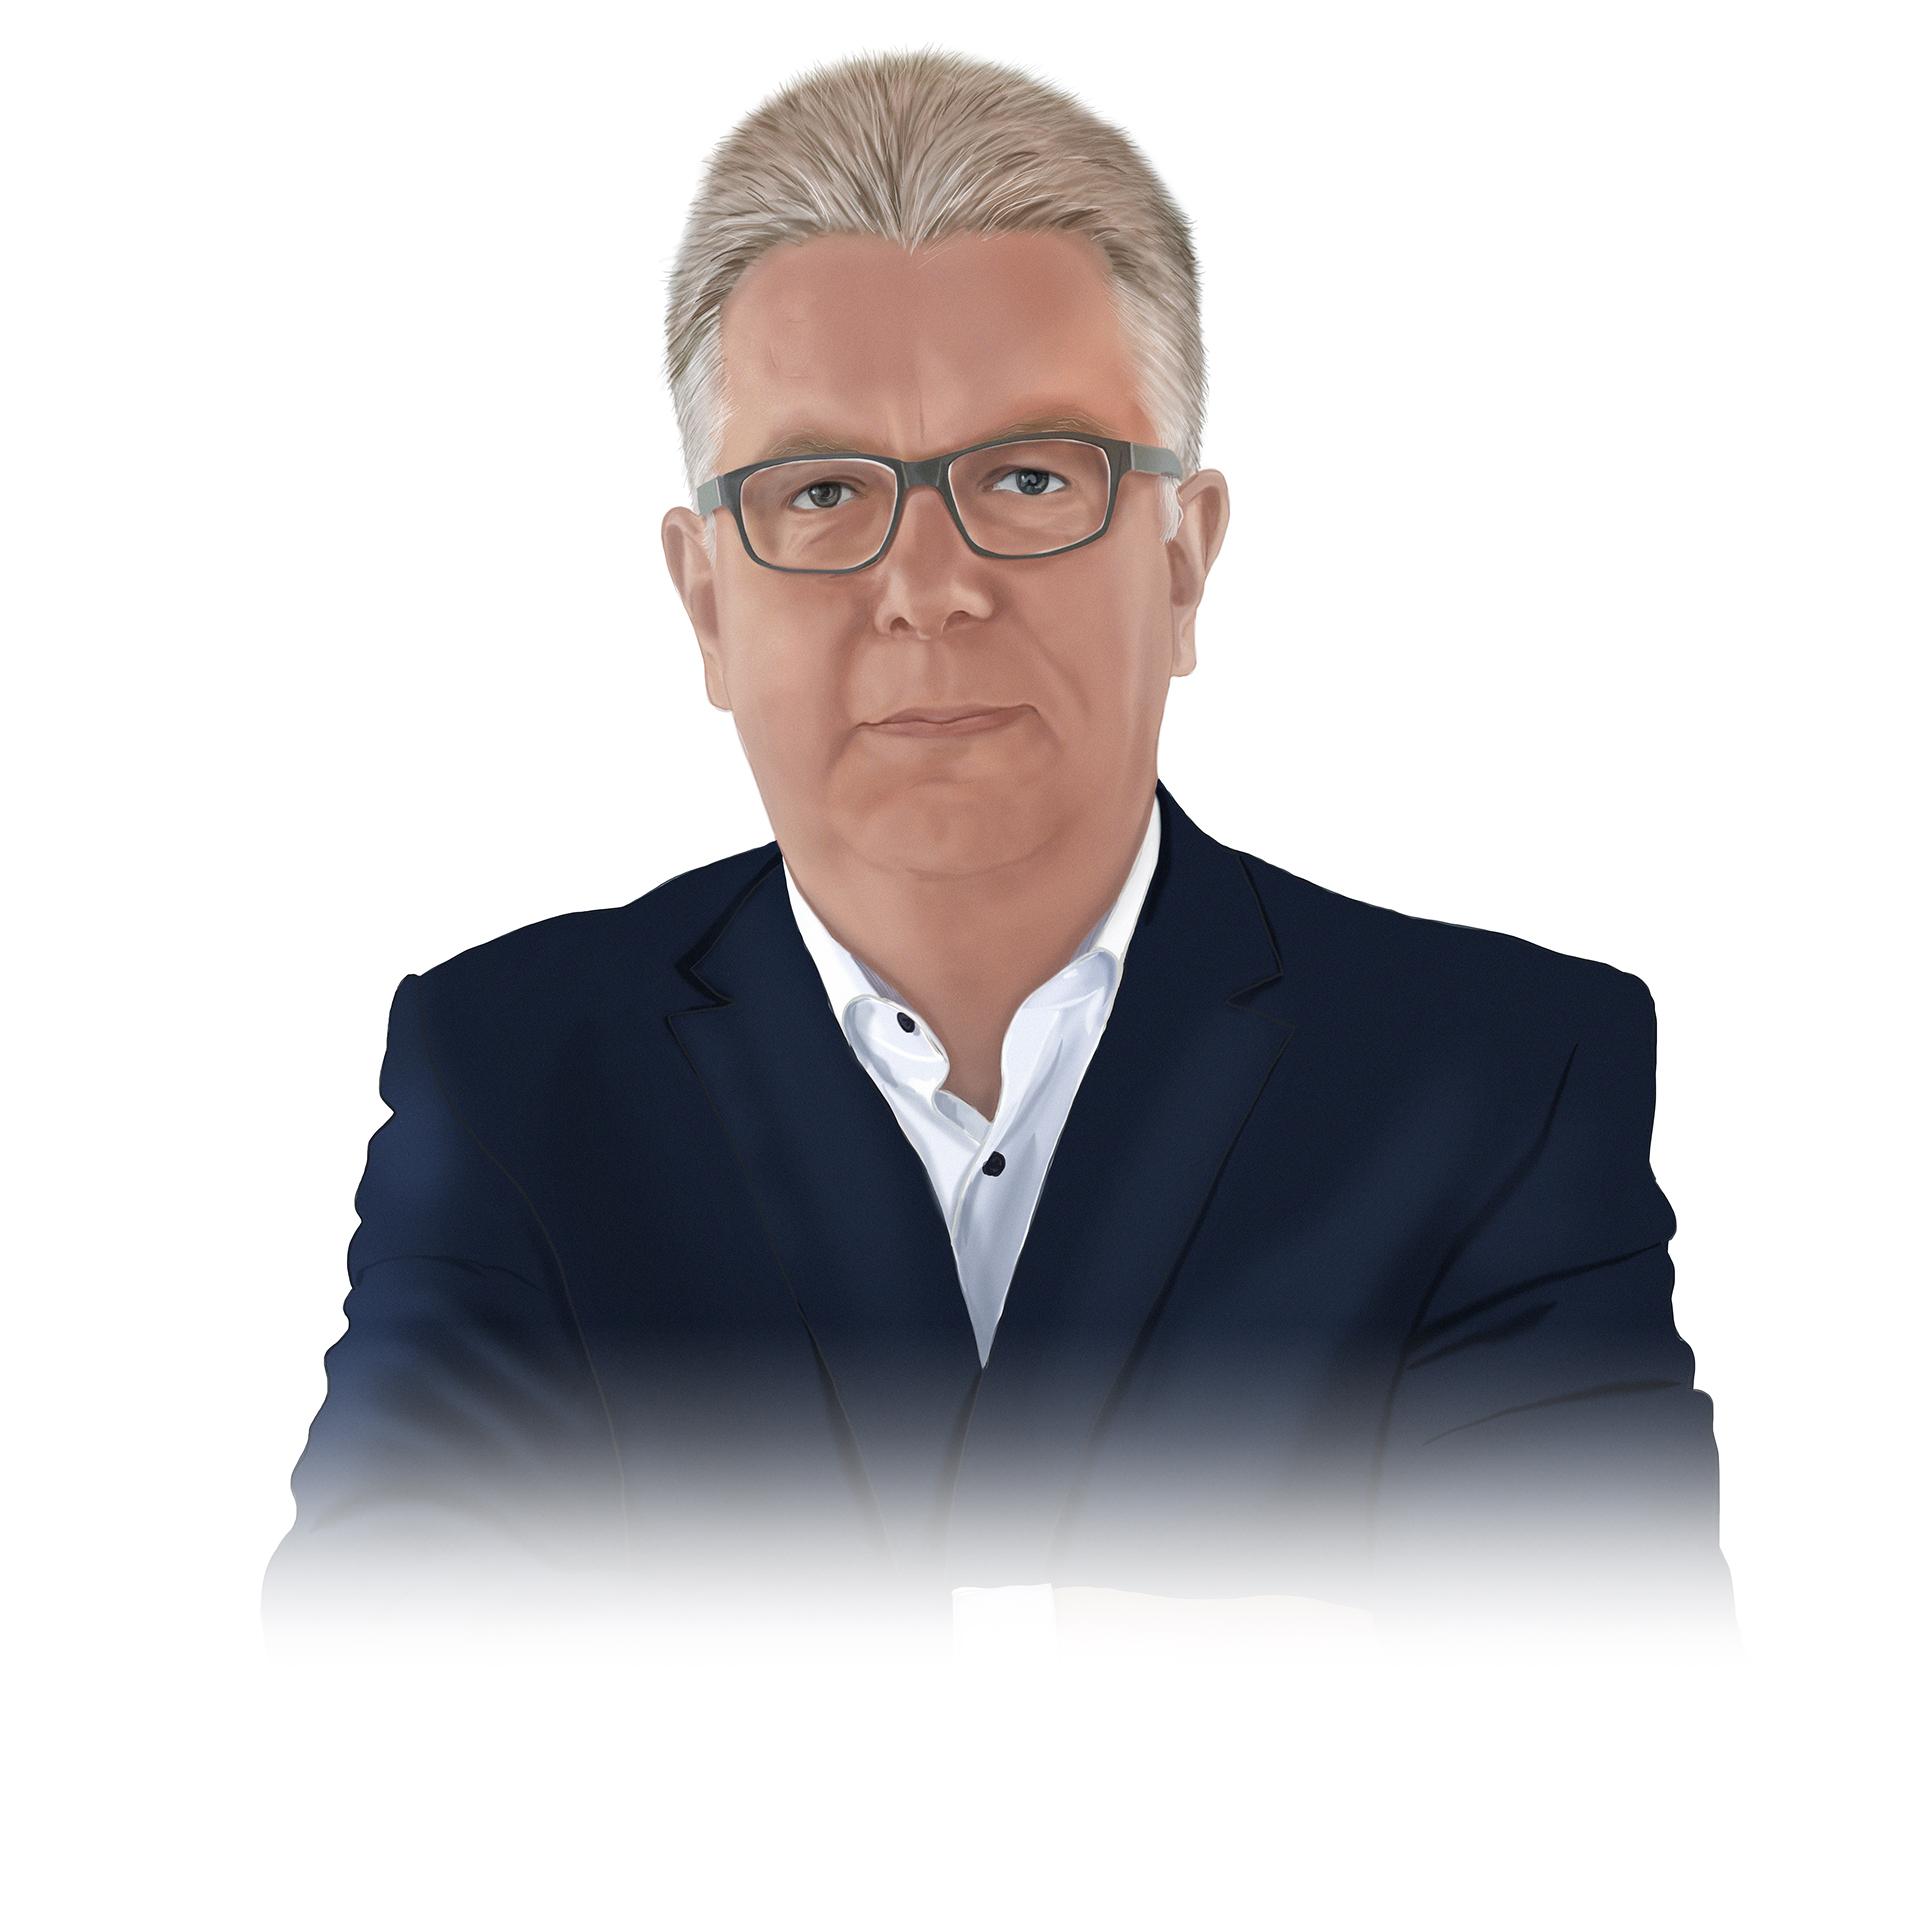 Dr. Serge Reitze